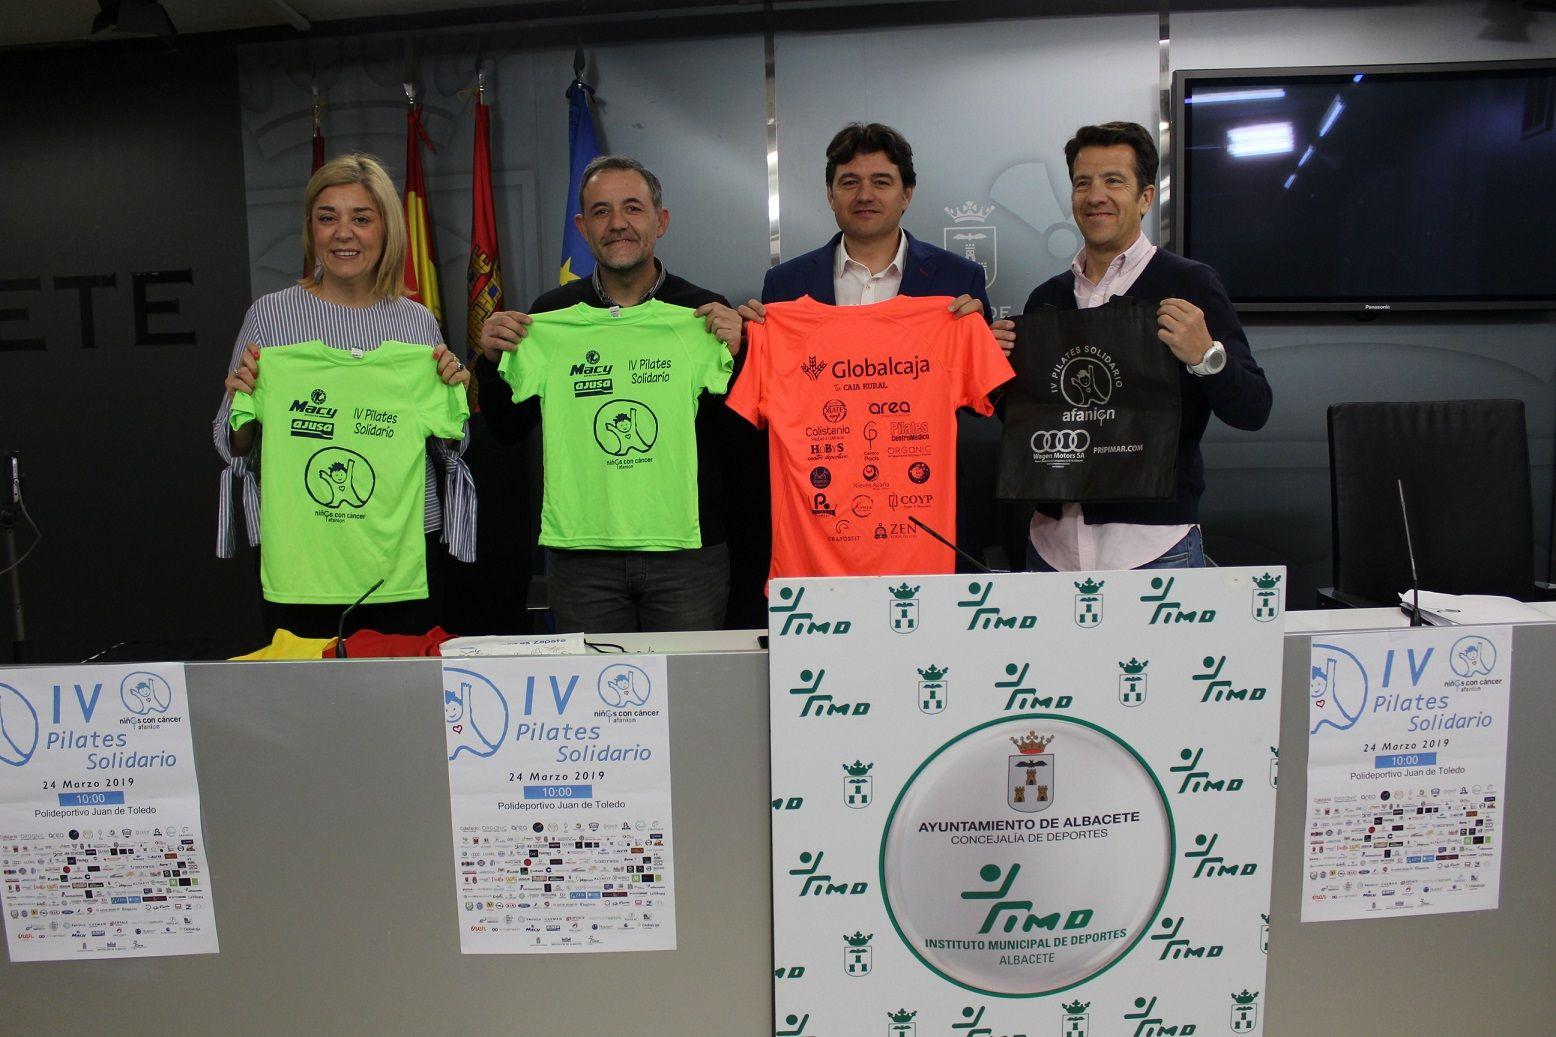 Albacete acoge la IV edición del Pilates Solidario de AFANION